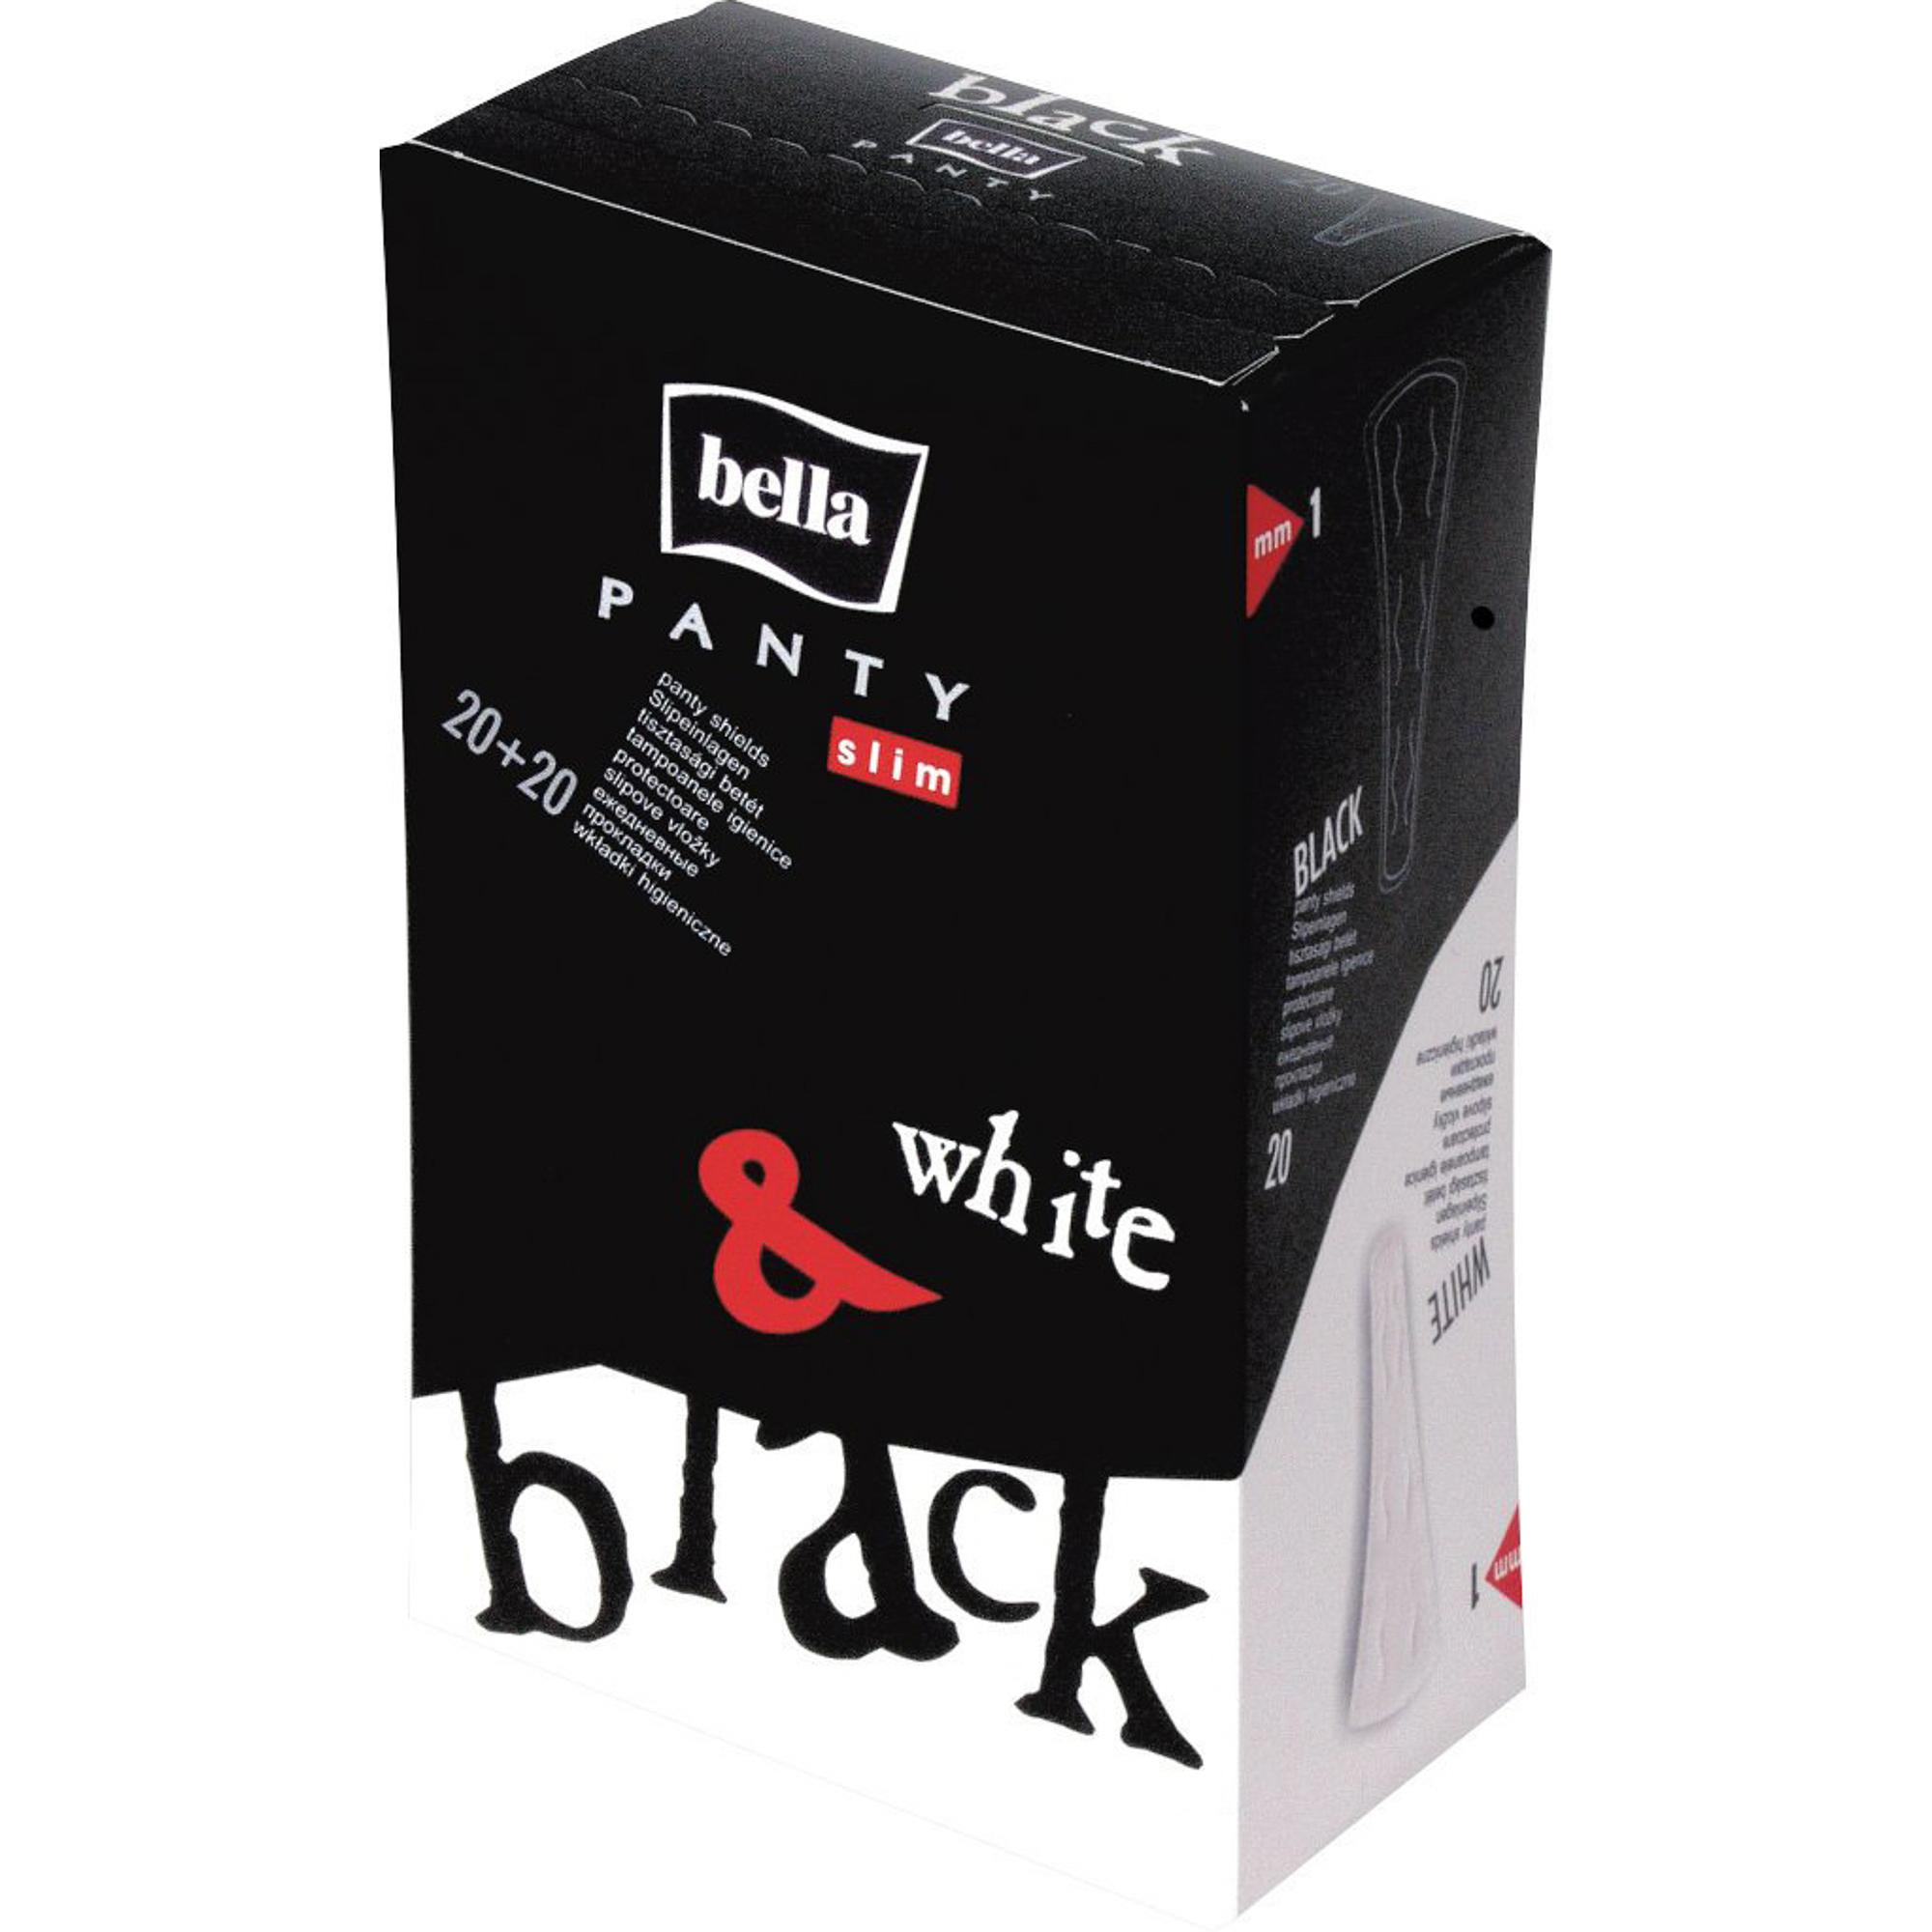 Прокладки Bella Panty Slim White  Black 40 шт.